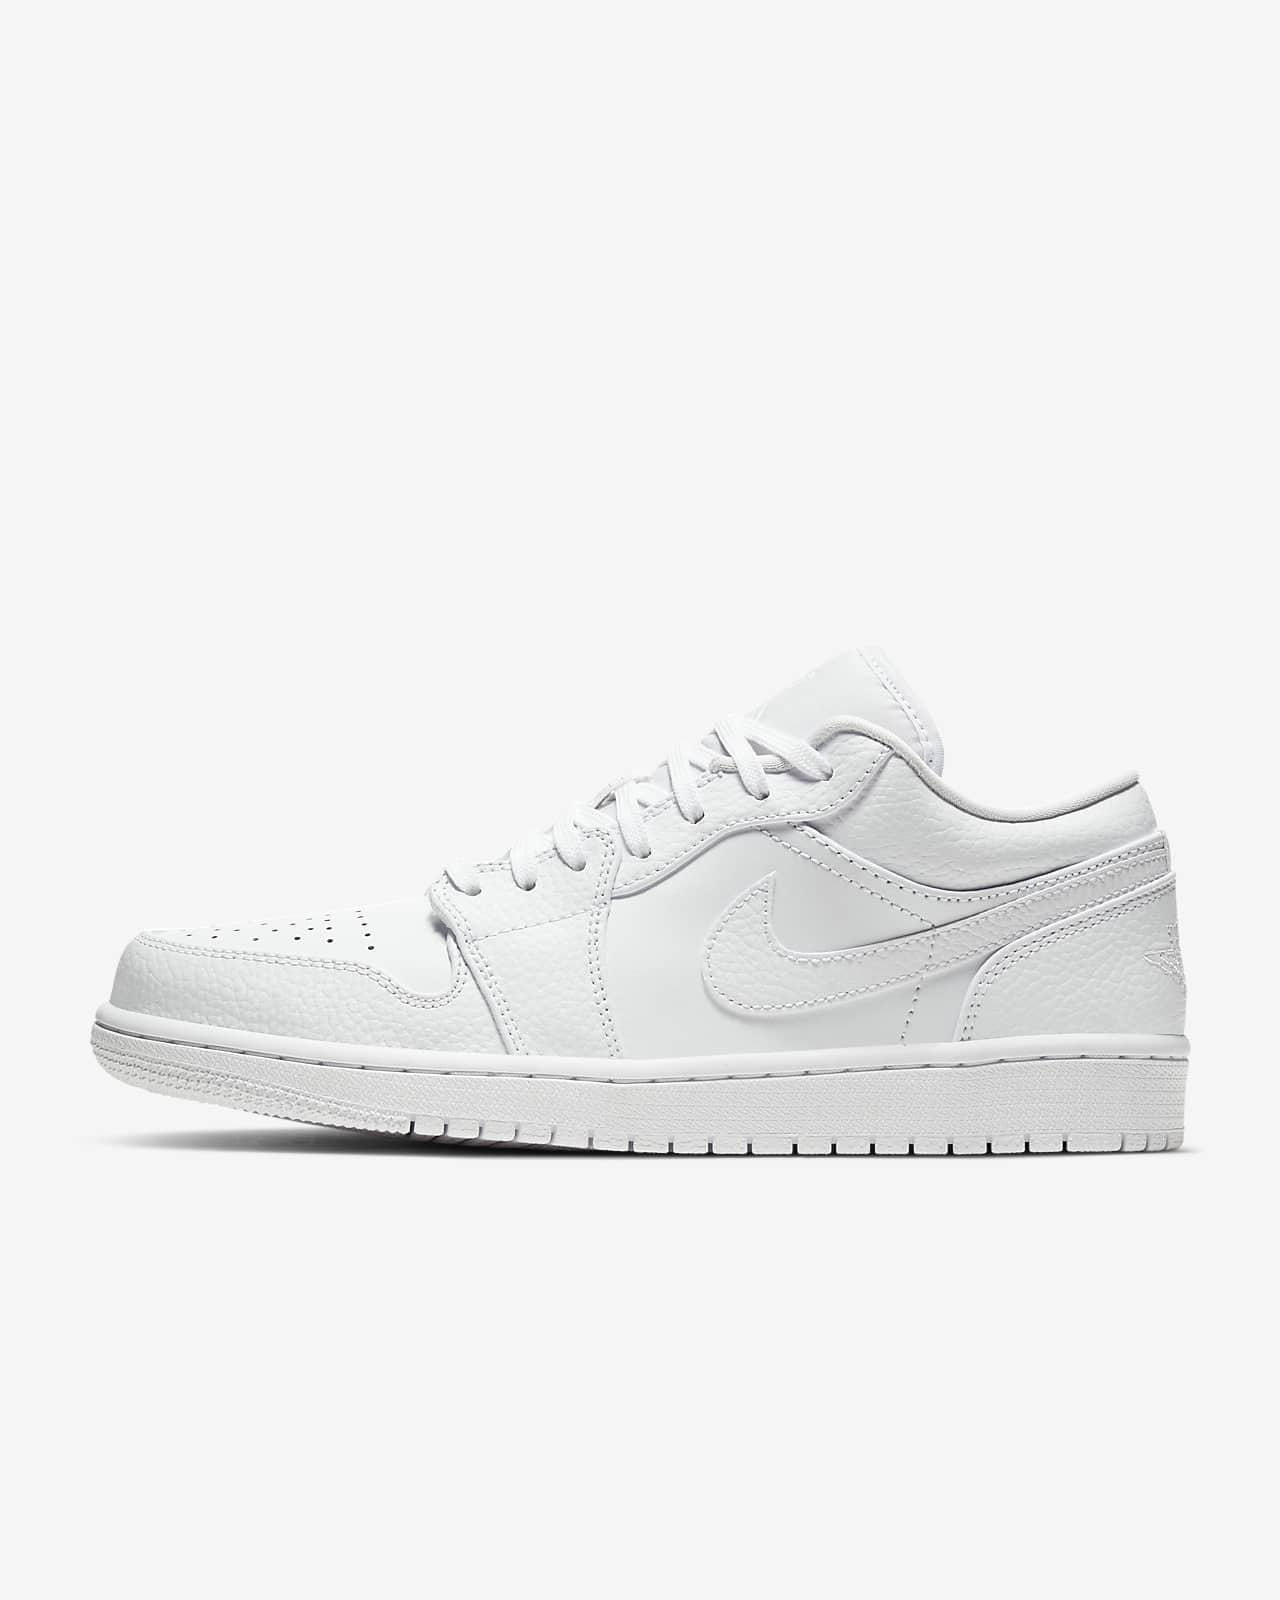 Air Jordan 1 Low Shoe